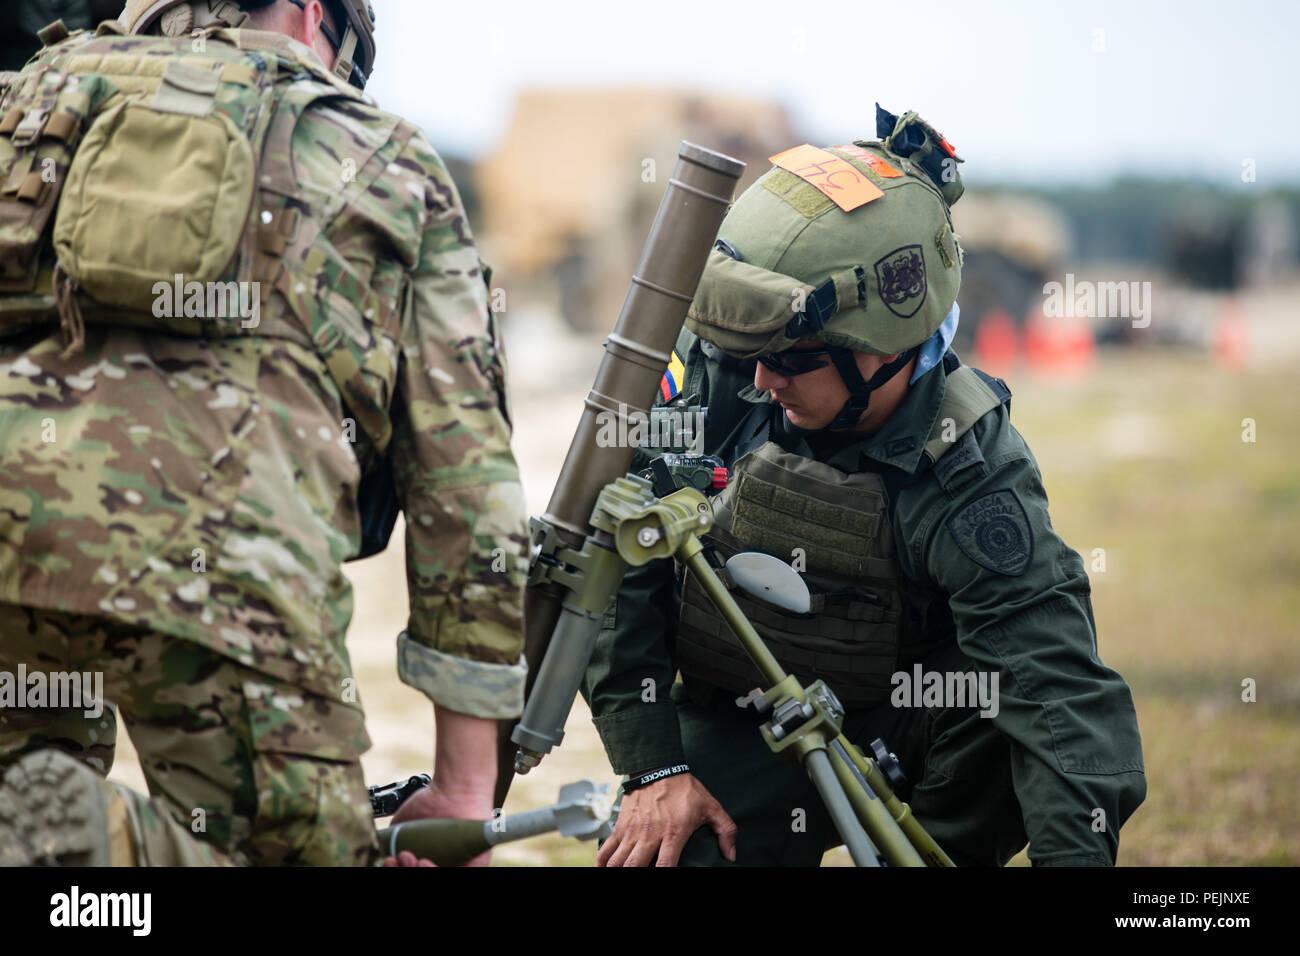 Un miembro de la Jungla Compana Antinarcoticos colombiana comprueba la  visión de un sistema de mortero b5357273f38